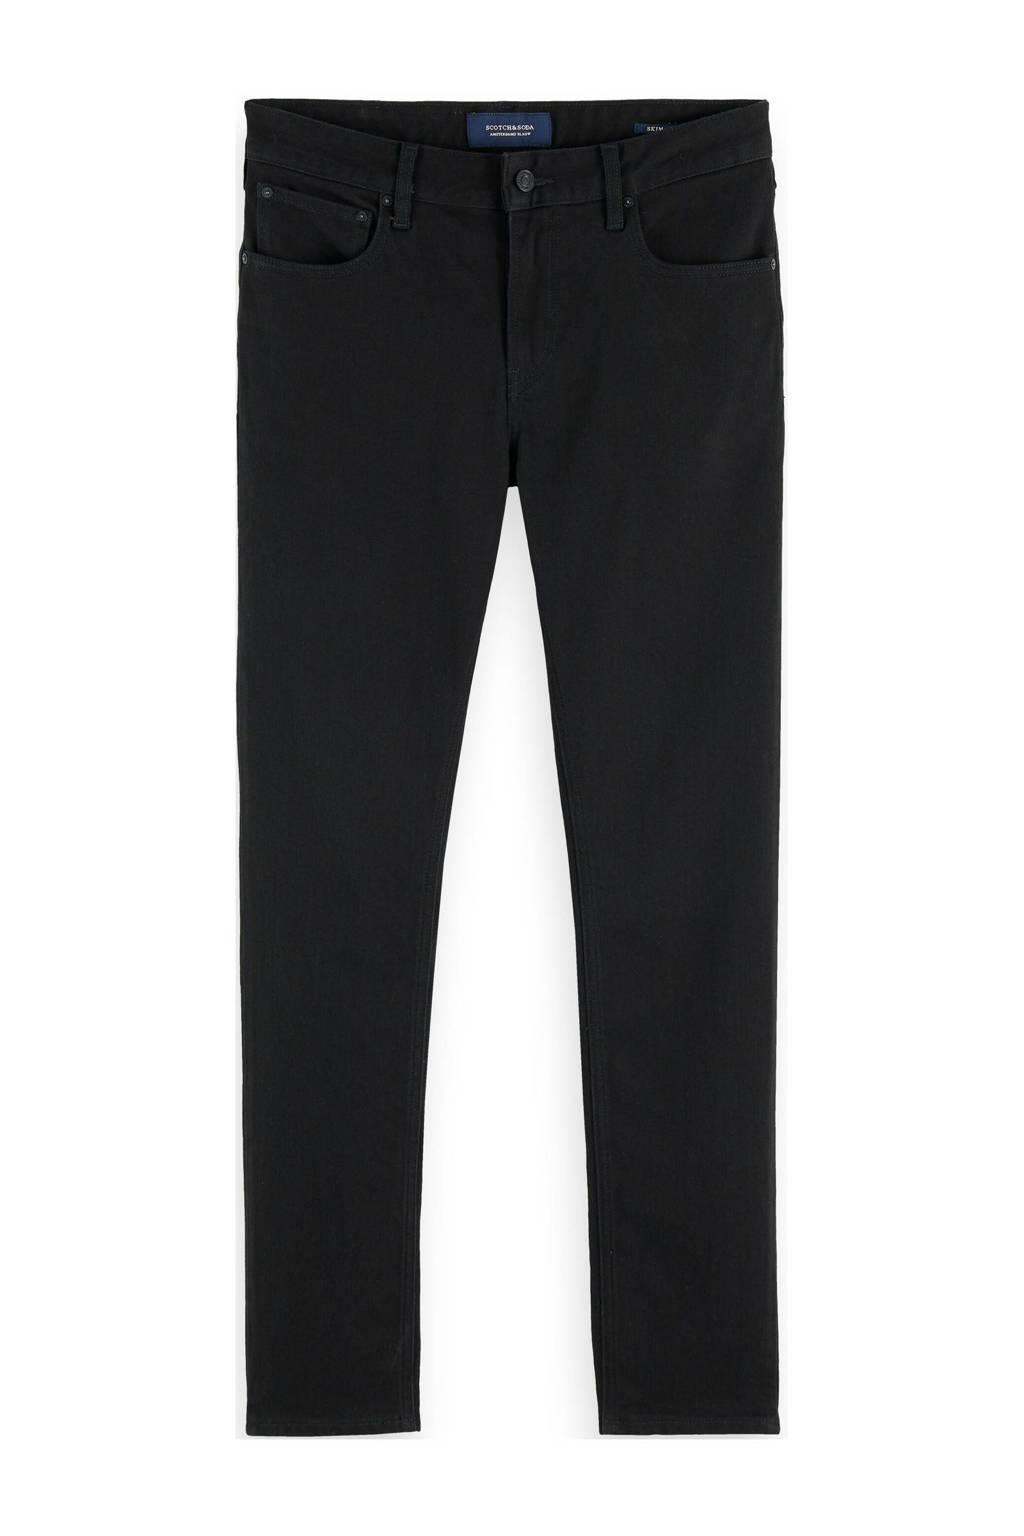 Scotch & Soda slim fit jeans zwart, Zwart